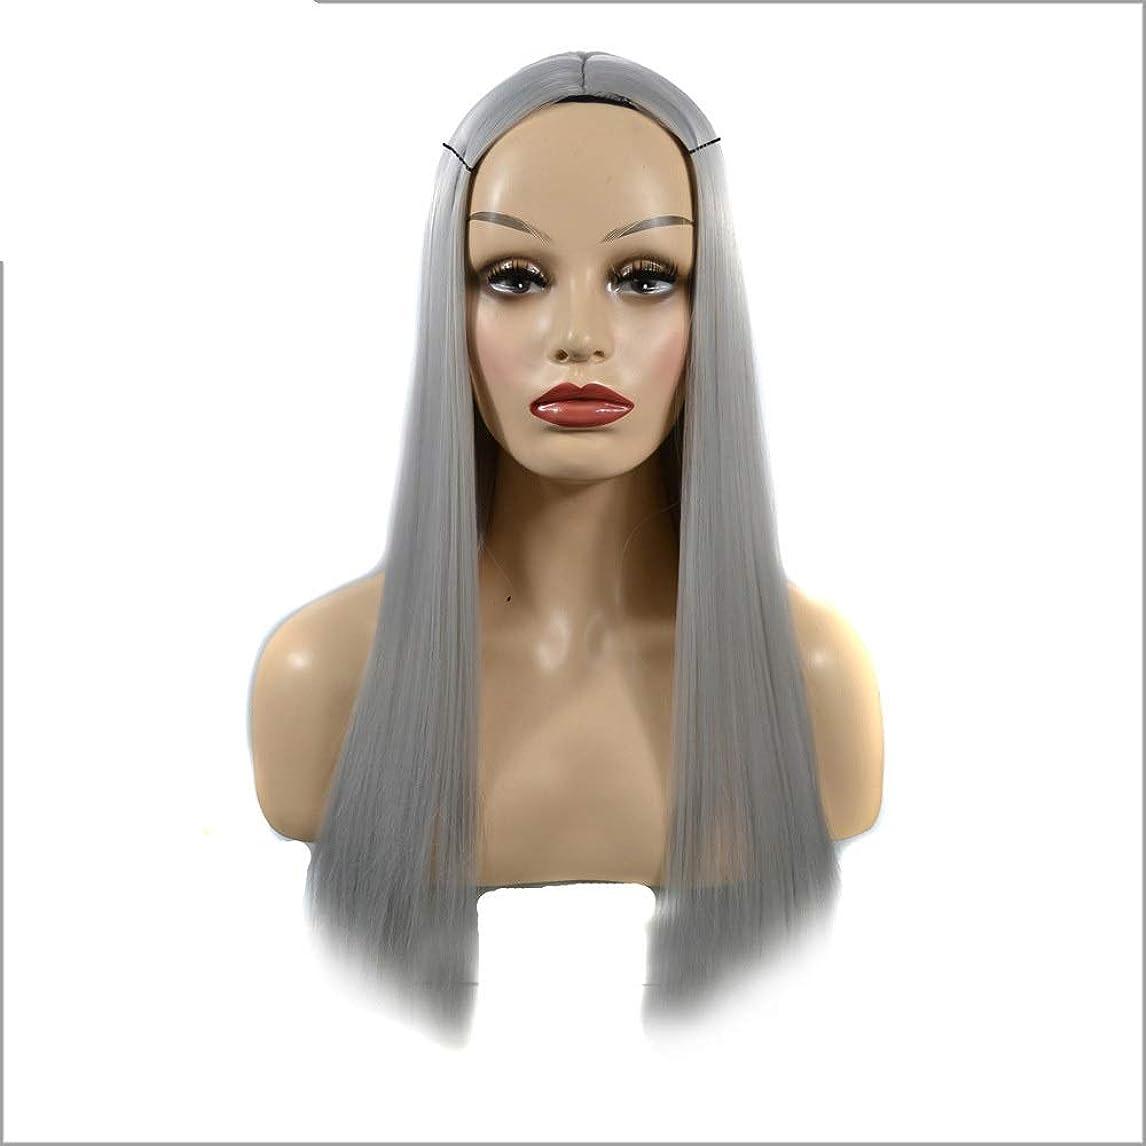 水っぽいローマ人小人Vergeania オンブルシルバーグレーウィッグロングストレート合成かつら女性用耐熱フルウィッグパーティーウィッグ (色 : Silver Grey, サイズ : 60cm)